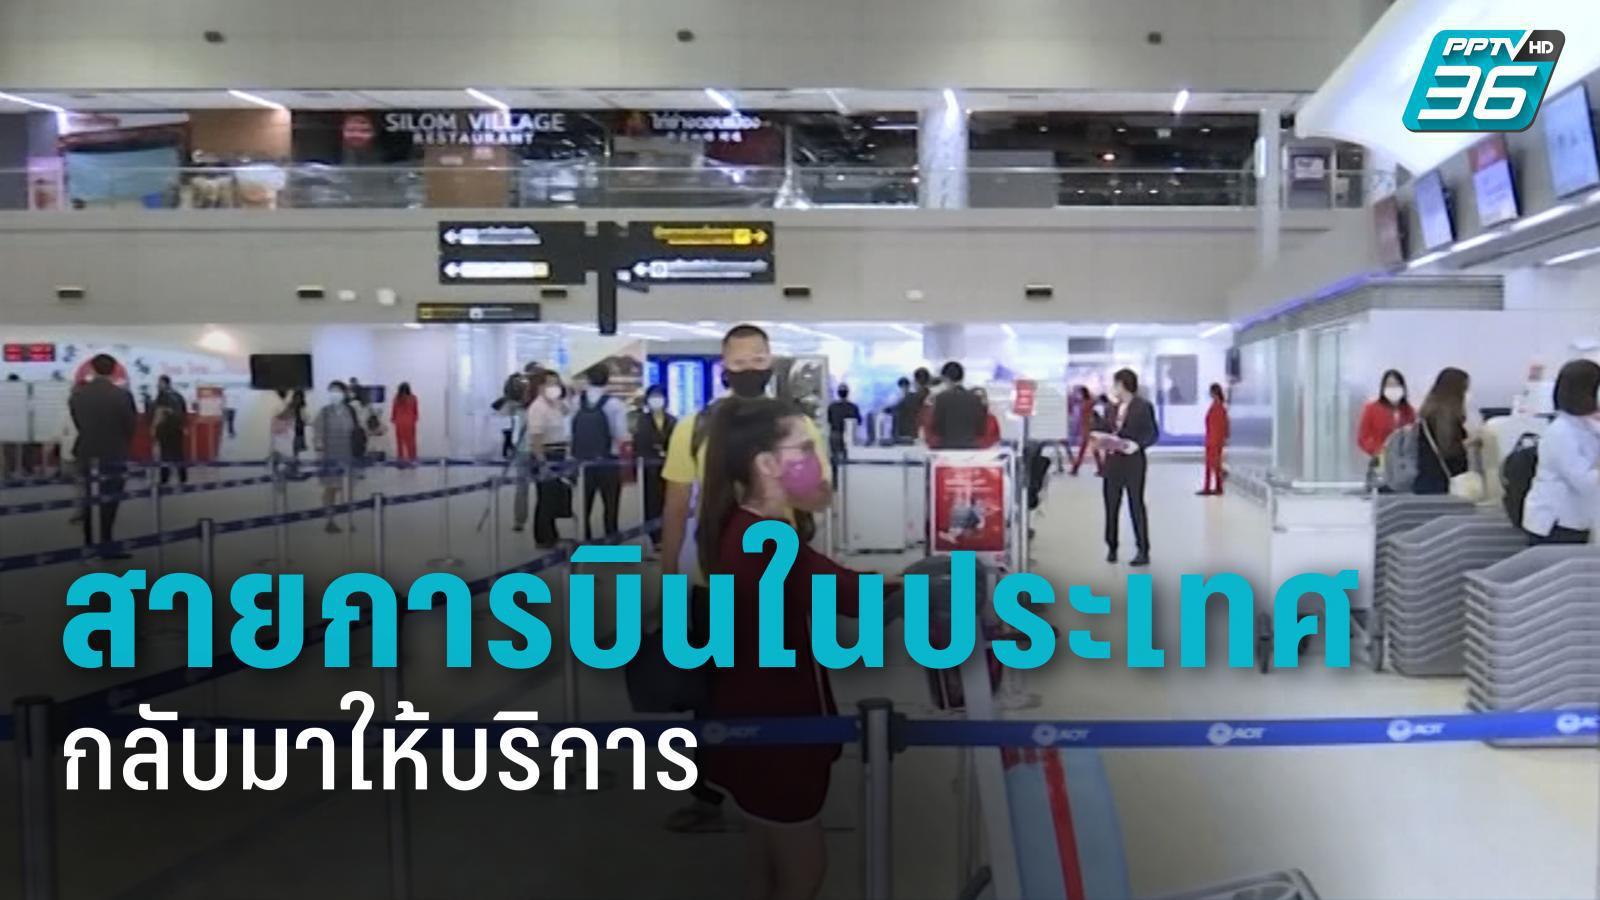 สนามบินดอนเมืองคุมเข้ม ไม่ใส่หน้ากากฯห้ามเข้า